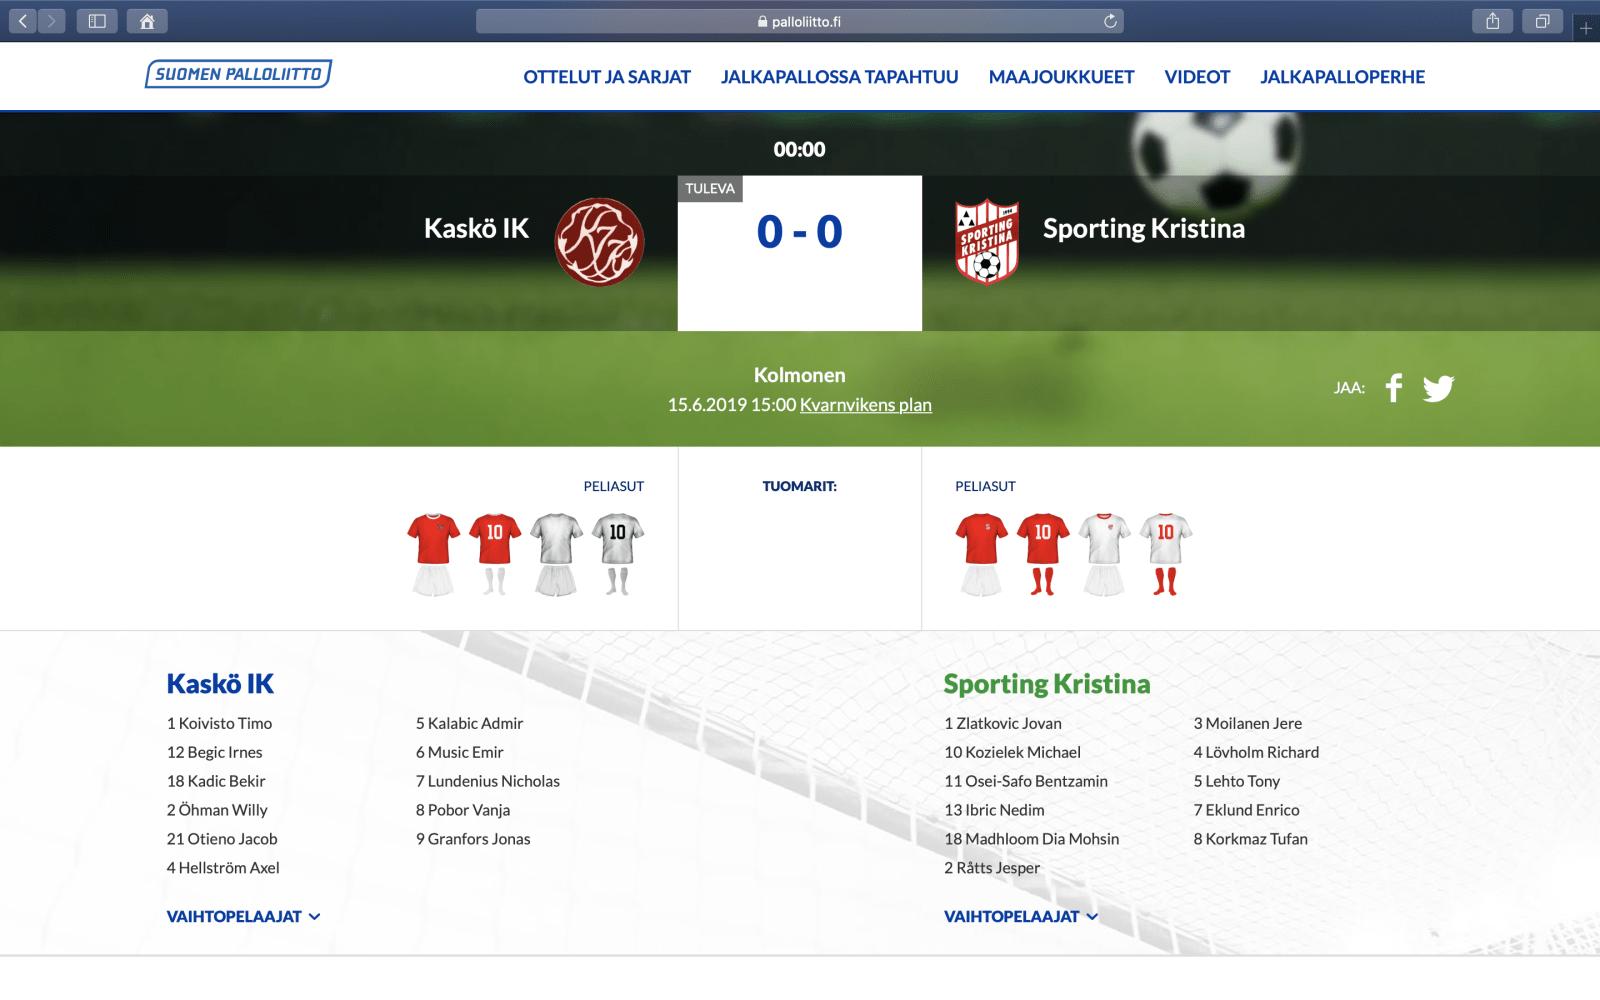 Kaskö IK – Sporting Kristina